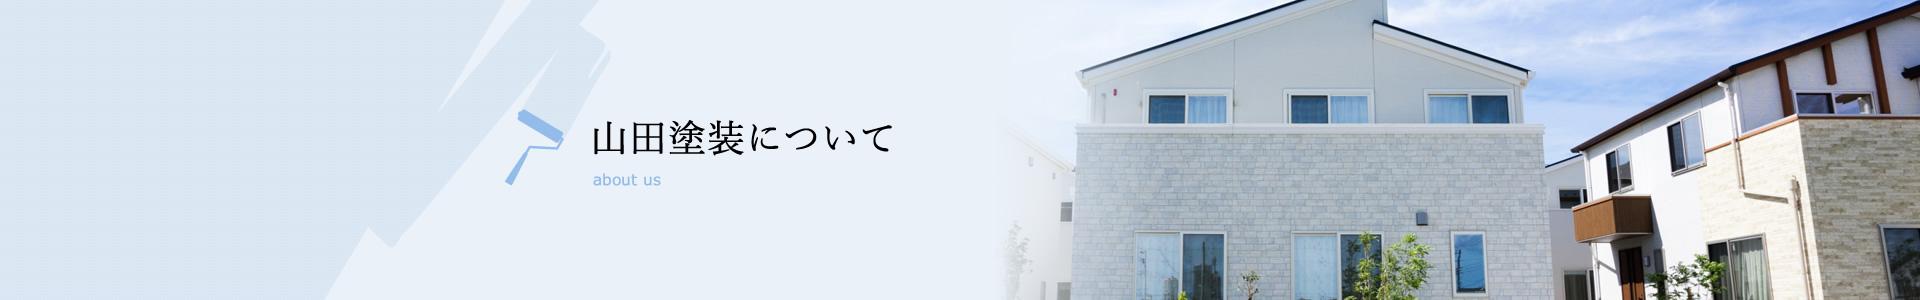 山田塗装について